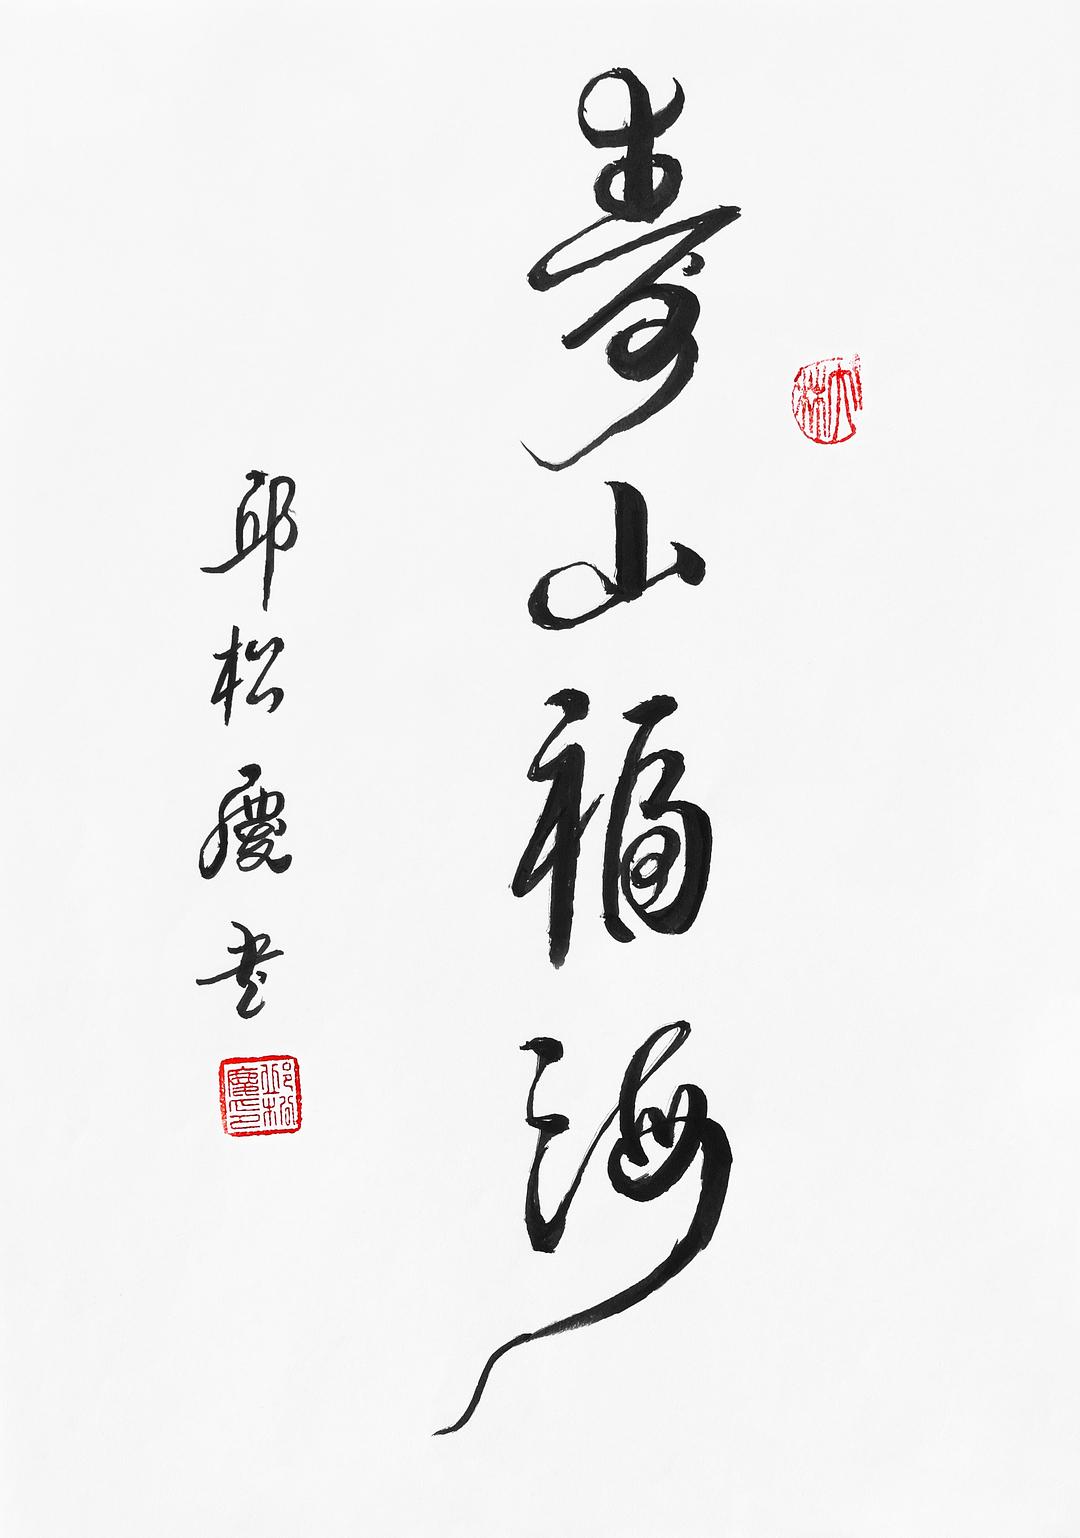 《寿山福海》29.7x21cm 行书 纸本墨笔 2018年